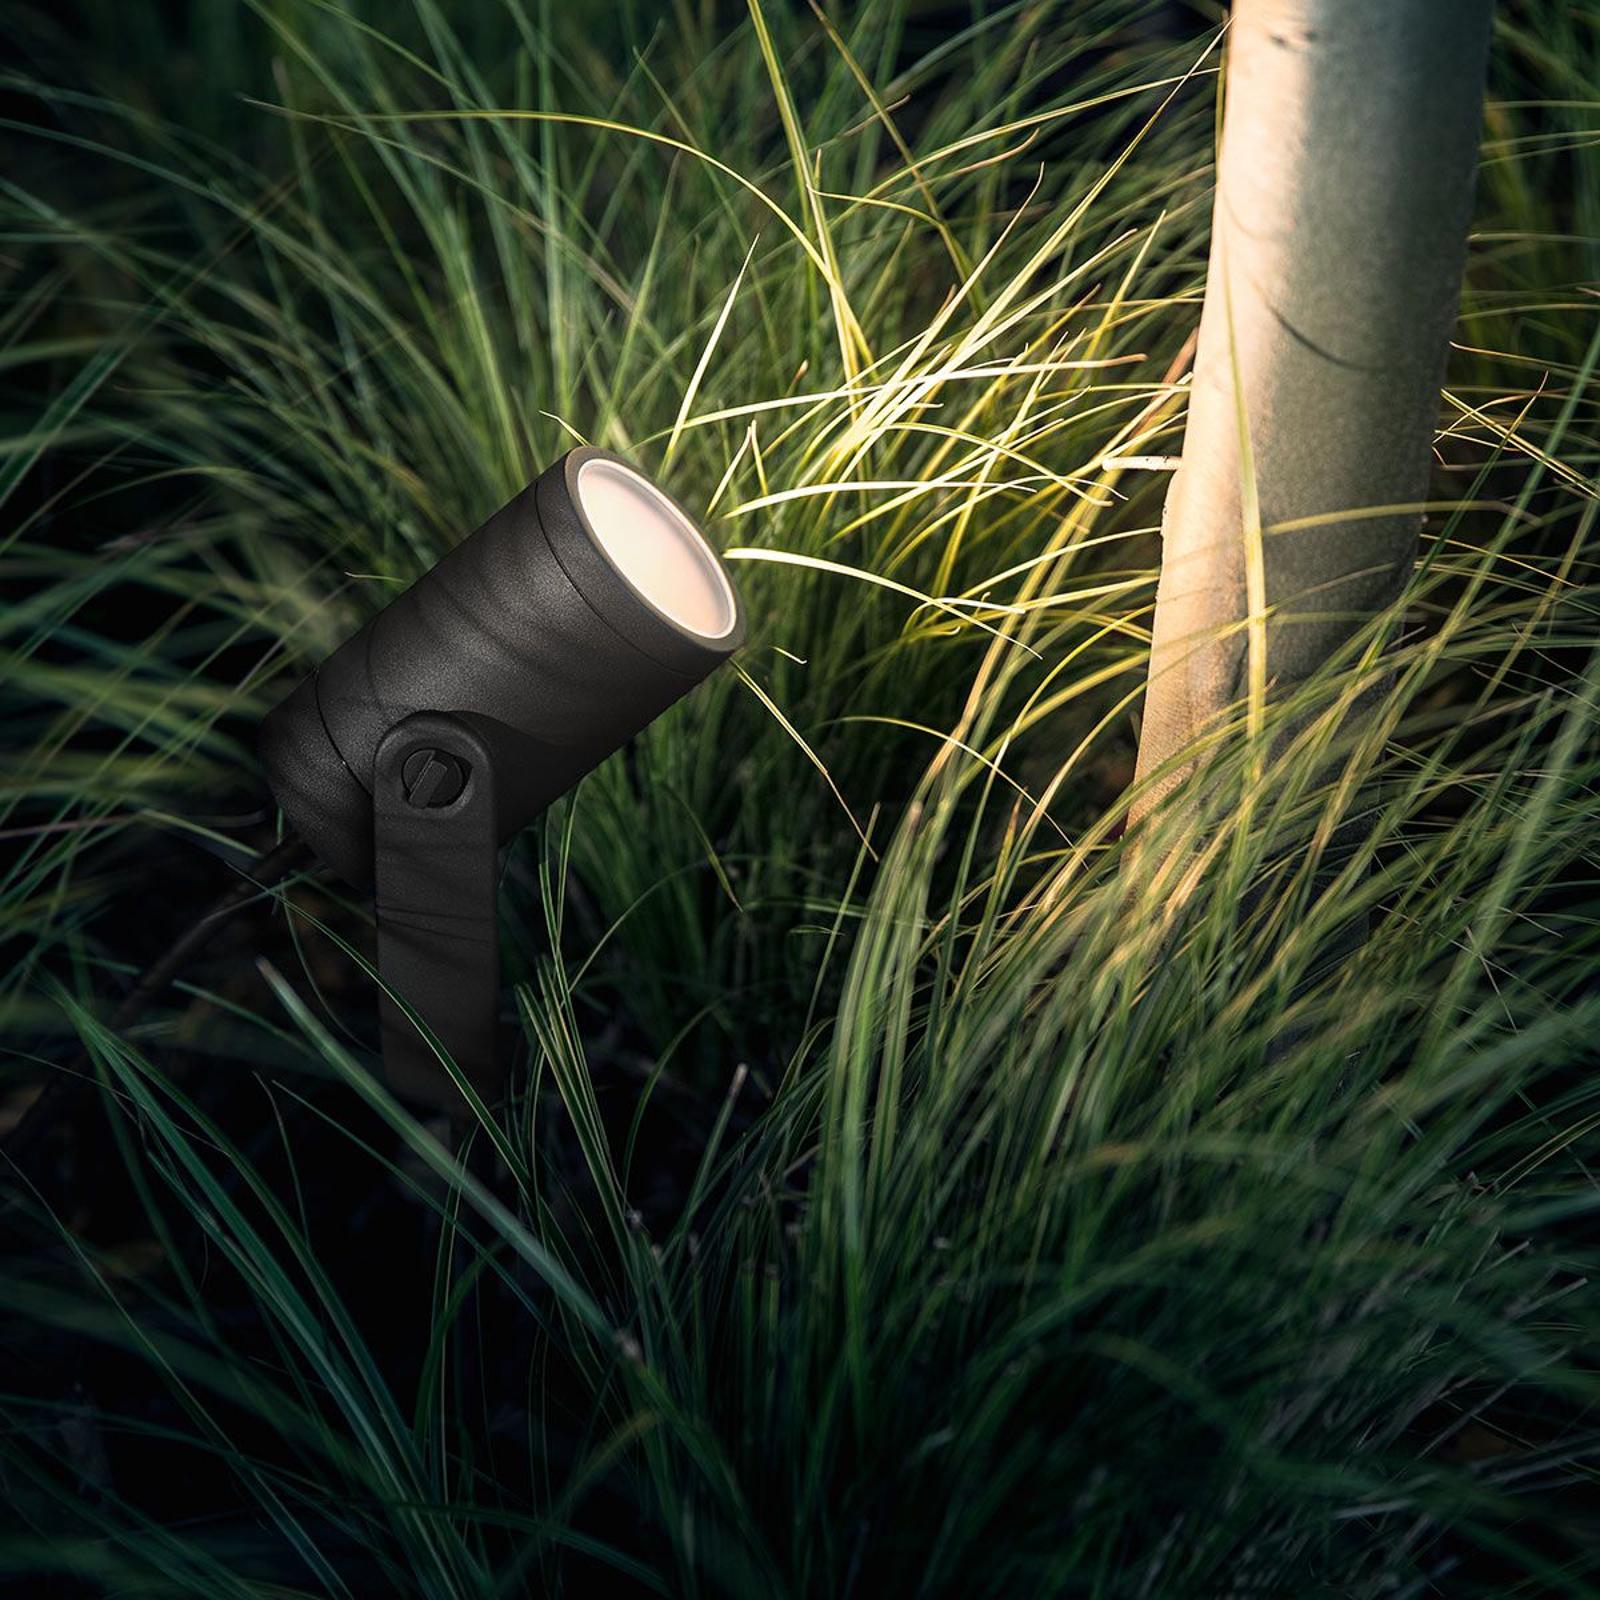 Philips Hue udvidelse LED spot Lily 1 lyskilde